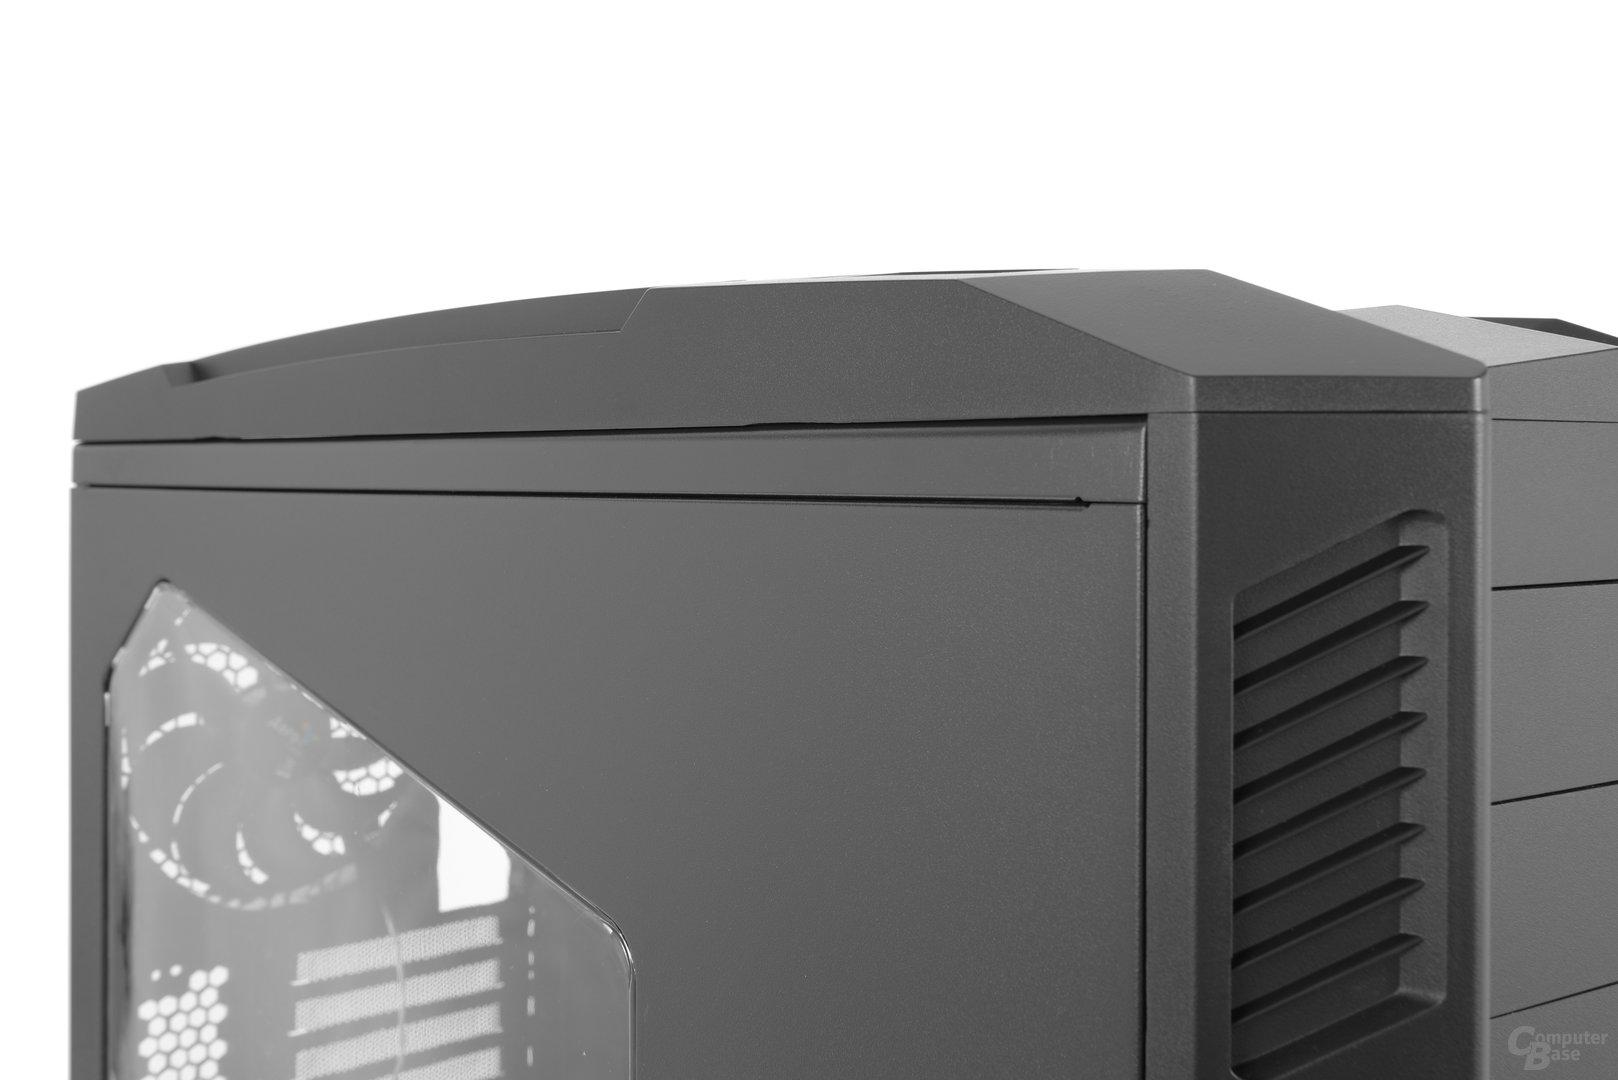 Aerocool XPredator II – Die Kunststoffanbauten haben kleinere Verarbeitungsmängel